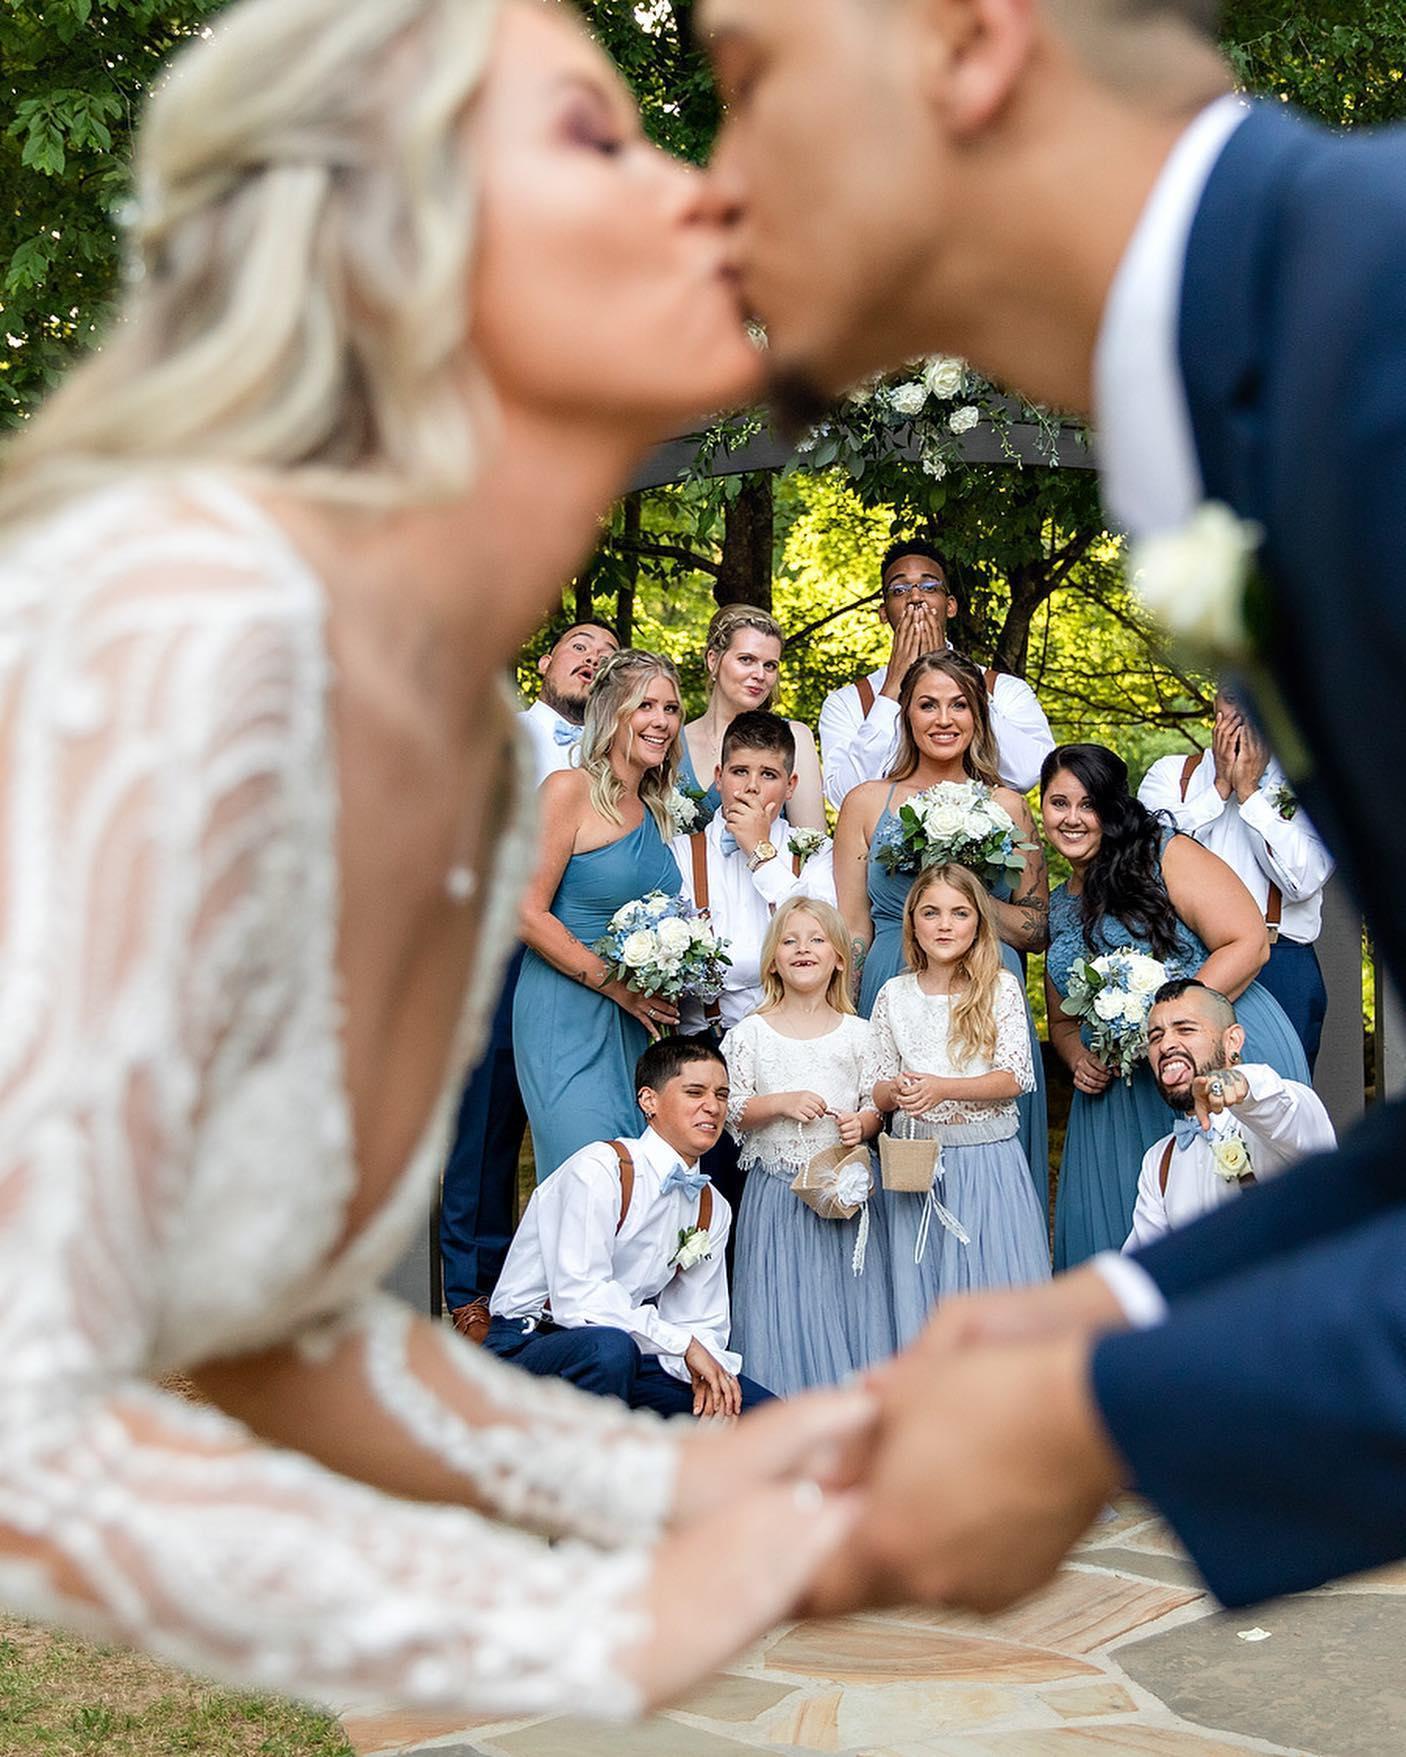 Image for post: May 21 Wedding at Vecoma